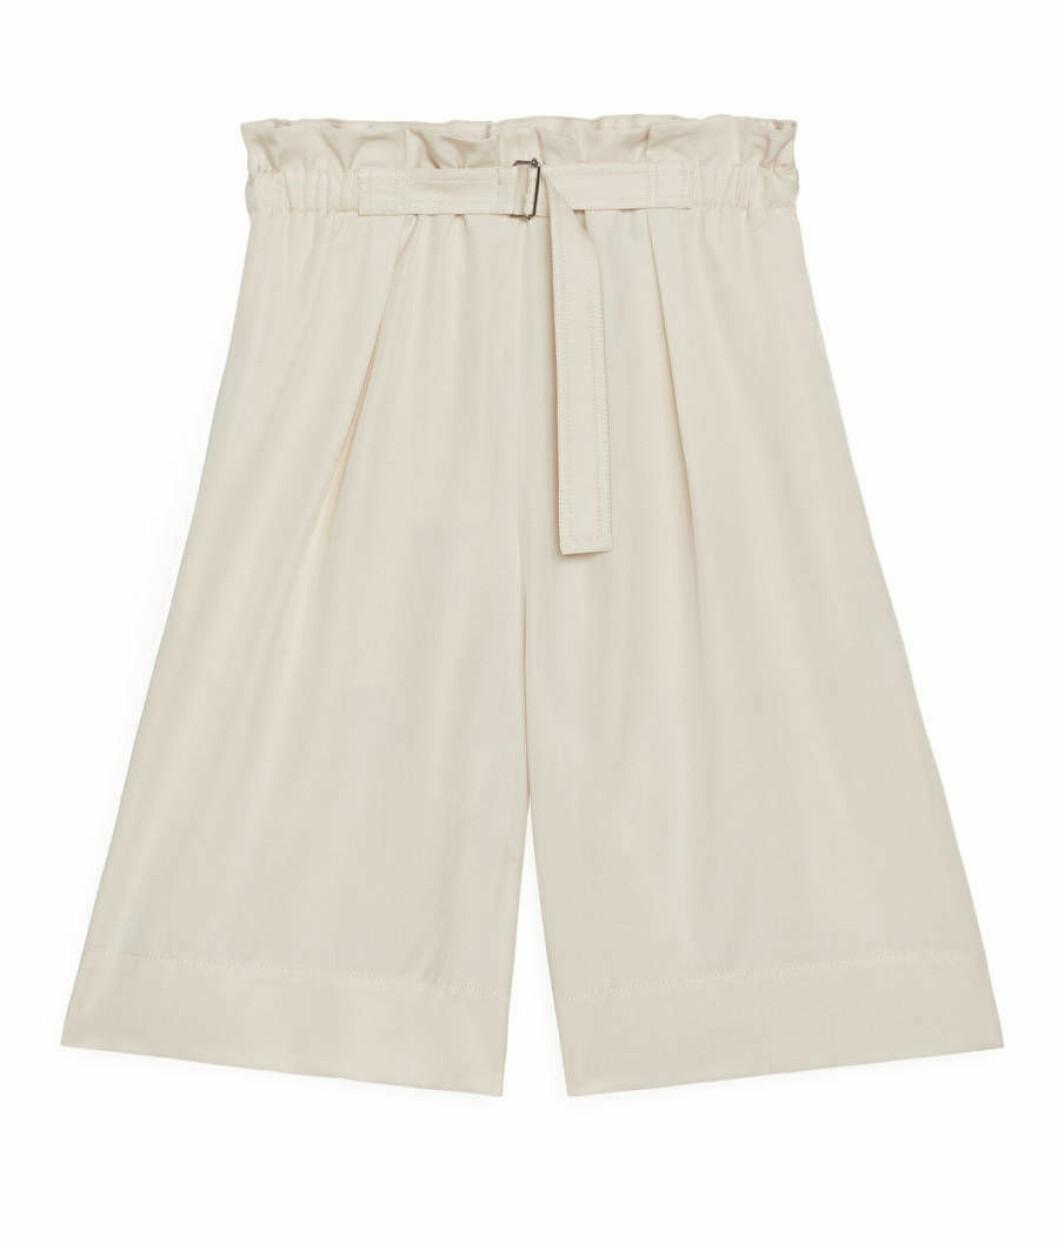 Beige shorts med hög midja och långa ben